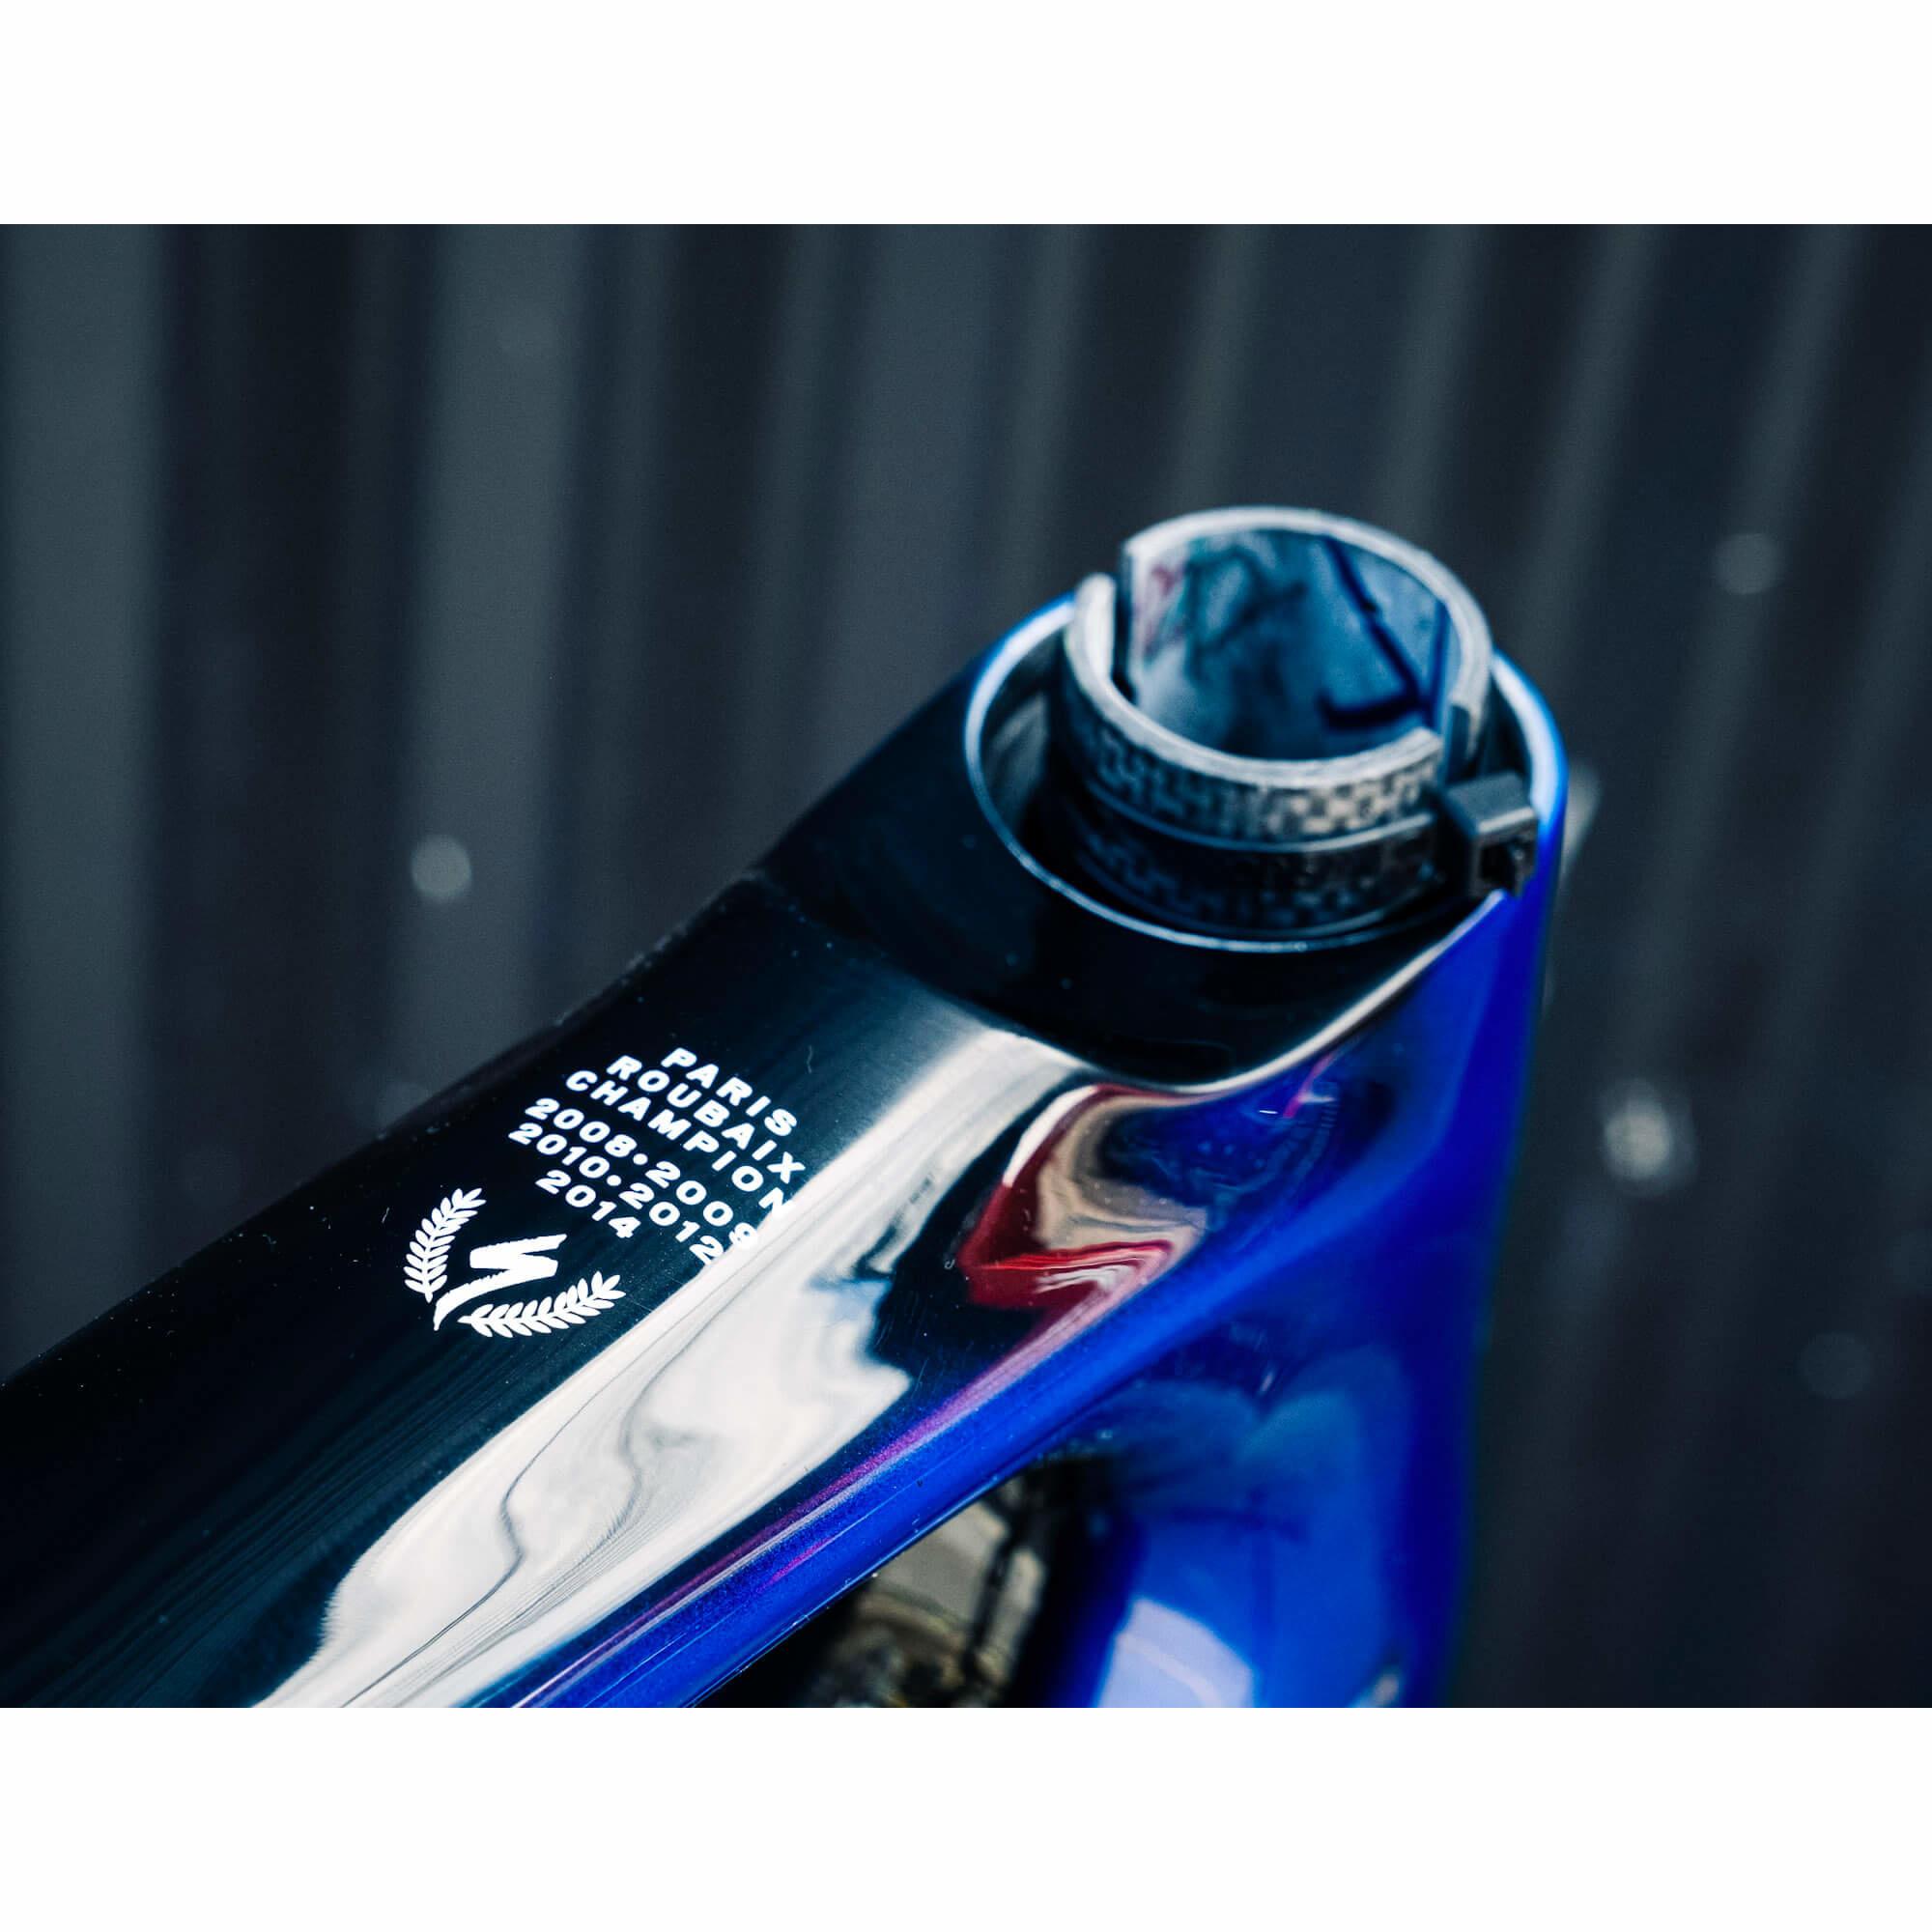 Roubaix Comp Frame Acblu/Tarblk 56cm 2017-3